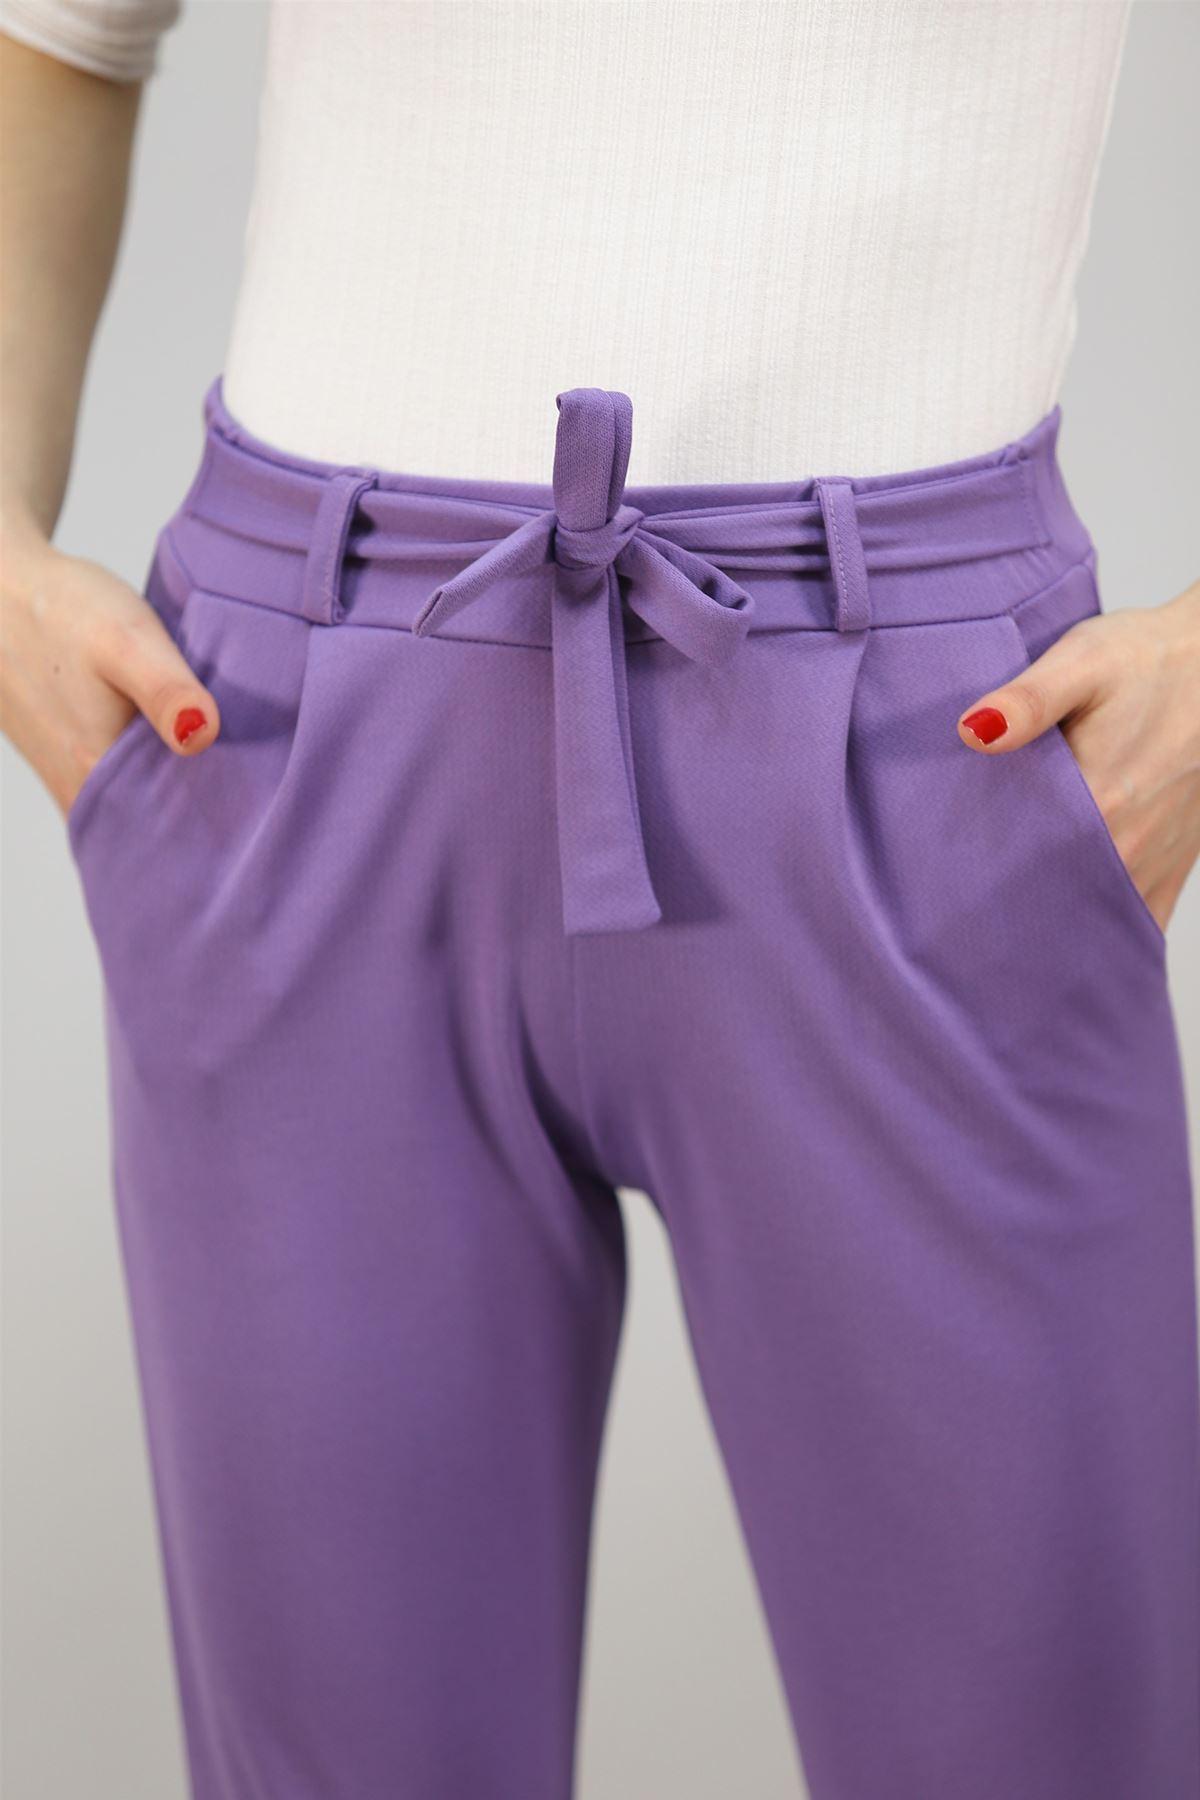 Beli Bağlamalı Pantolon Lila - 2923.150.